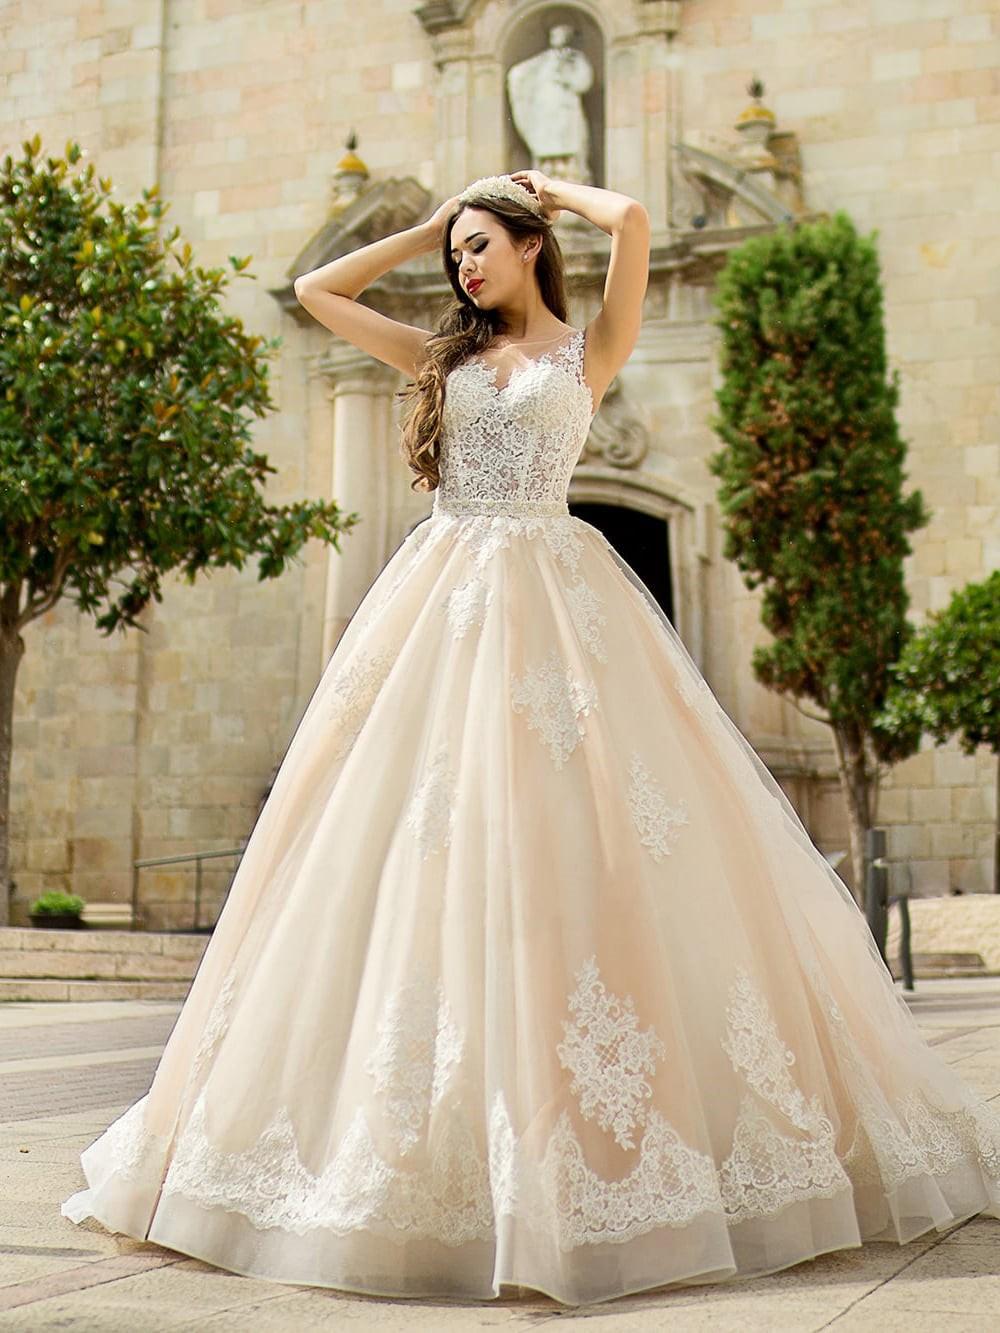 Какое свадебное платье стоит выбрать в 2020 году